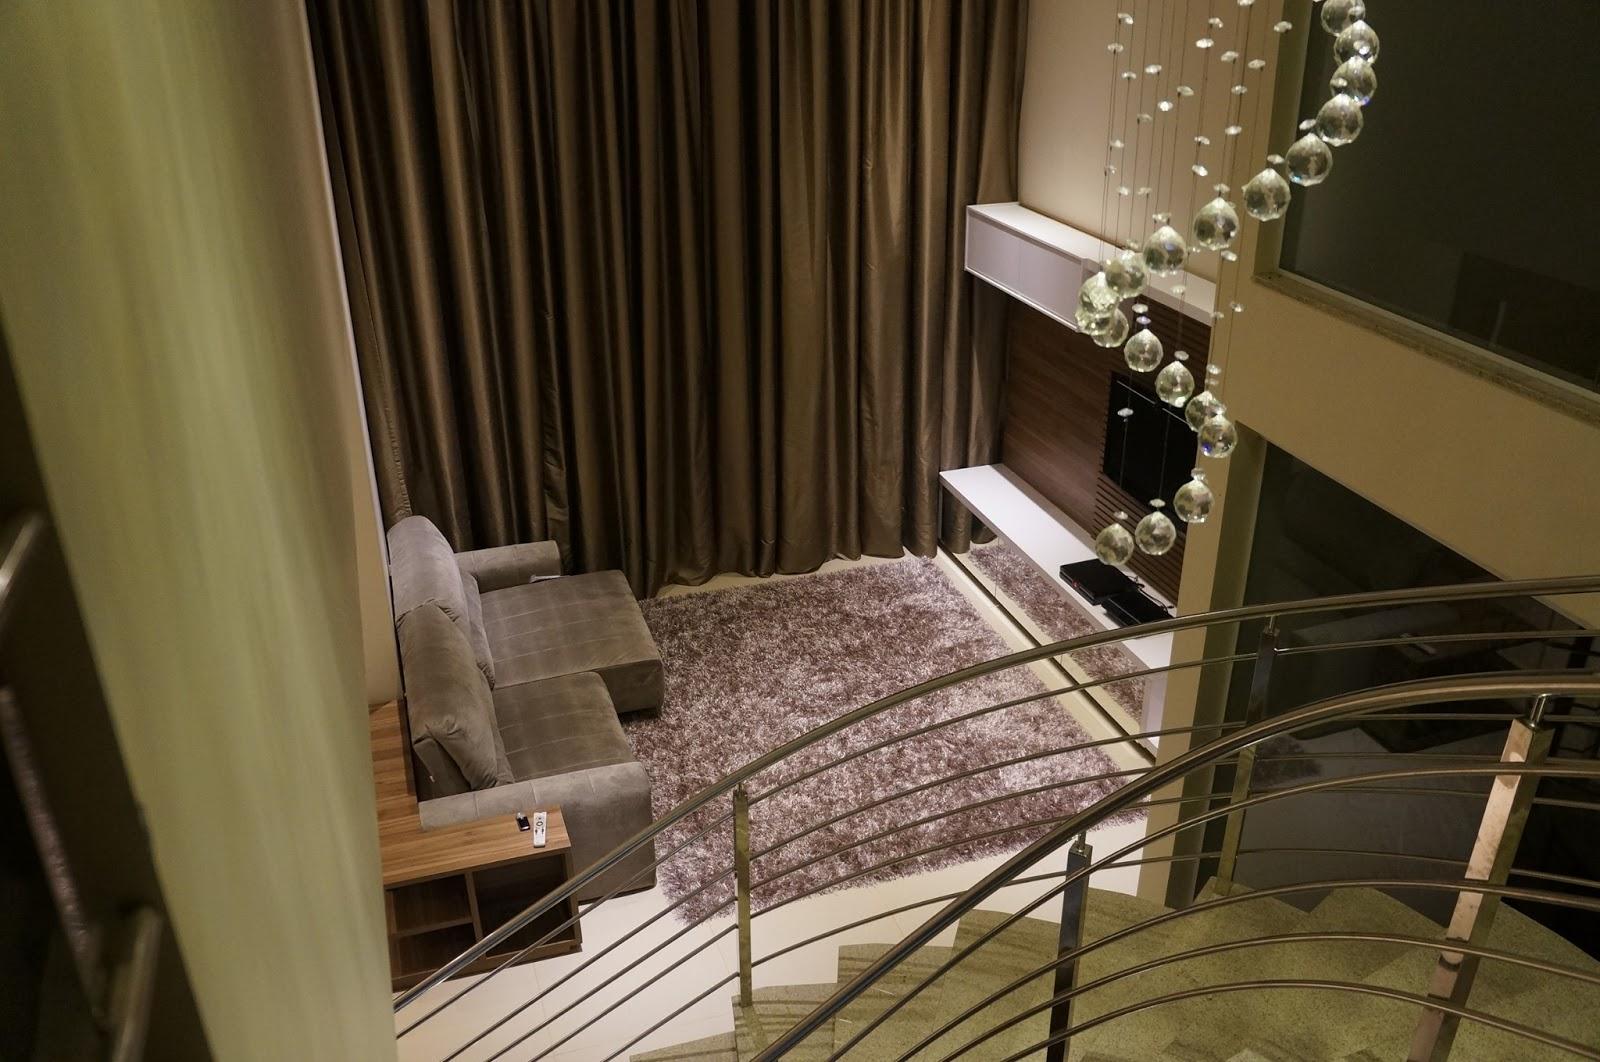 Construindo um Castelinho: Home planejado em sala de pé direito duplo #2A2012 1600x1062